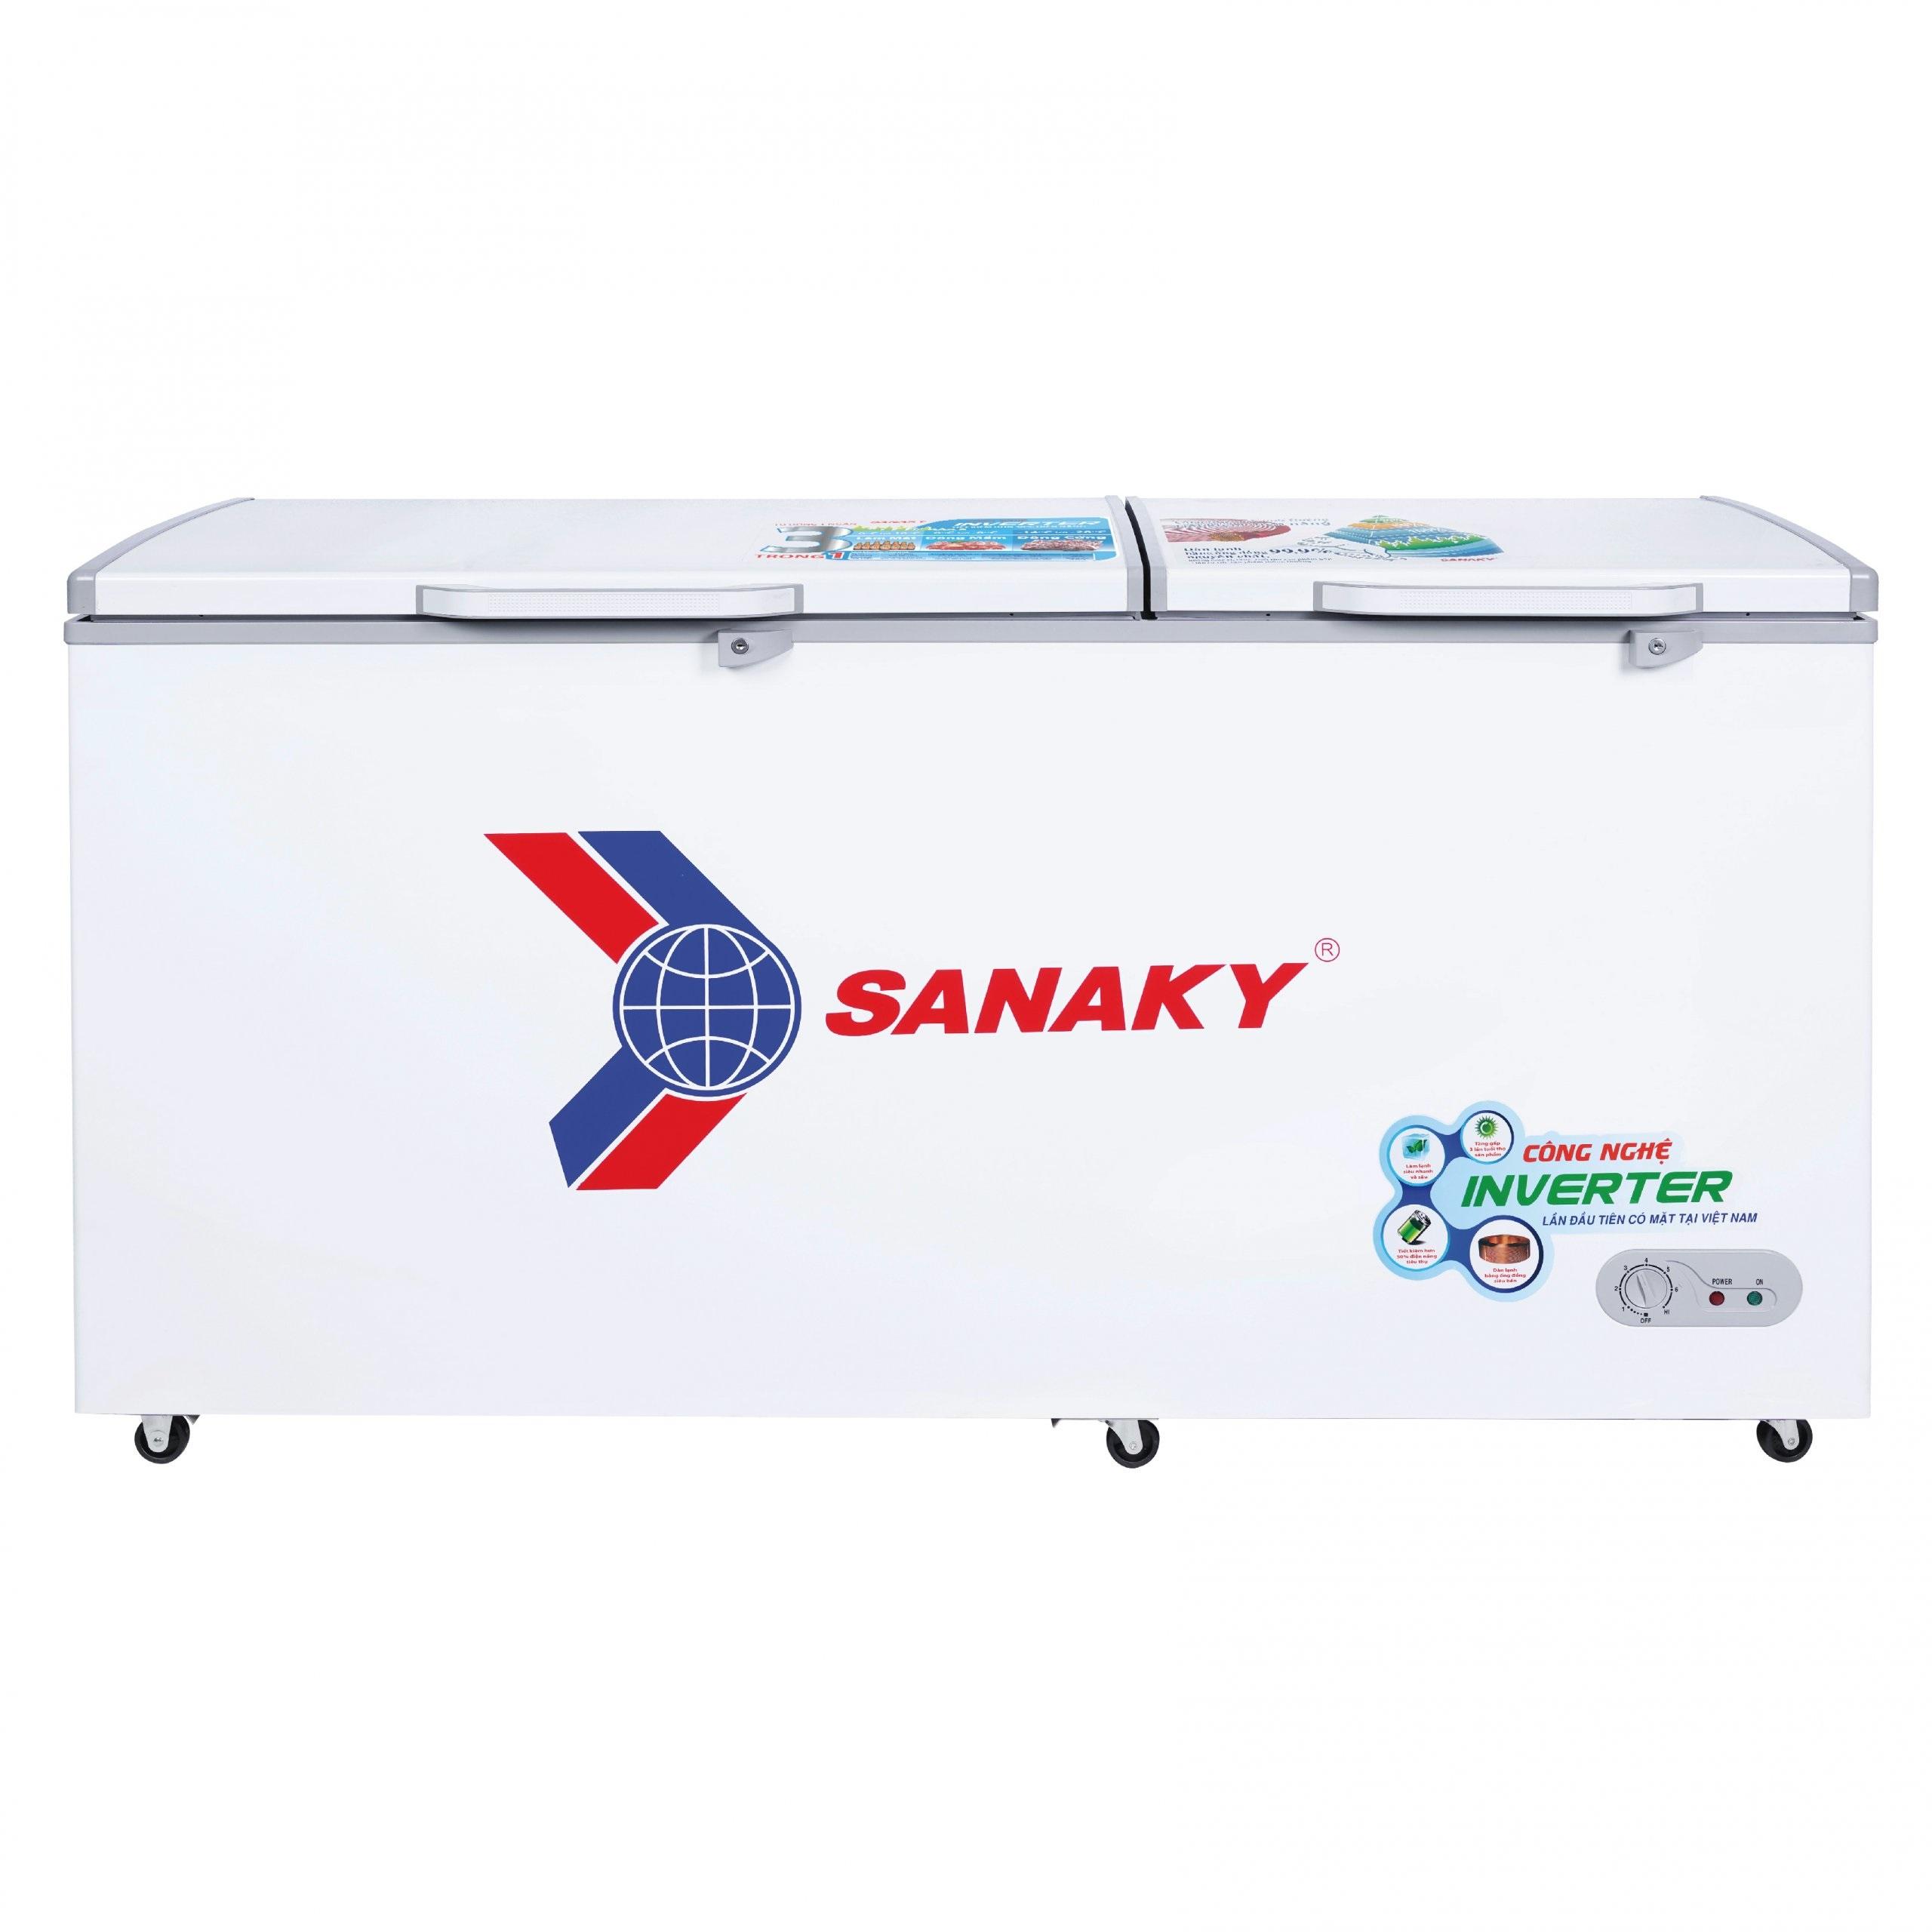 TỦ ĐÔNG INVERTER SANAKY VH-6699HY3 530 LÍT ĐỒNG